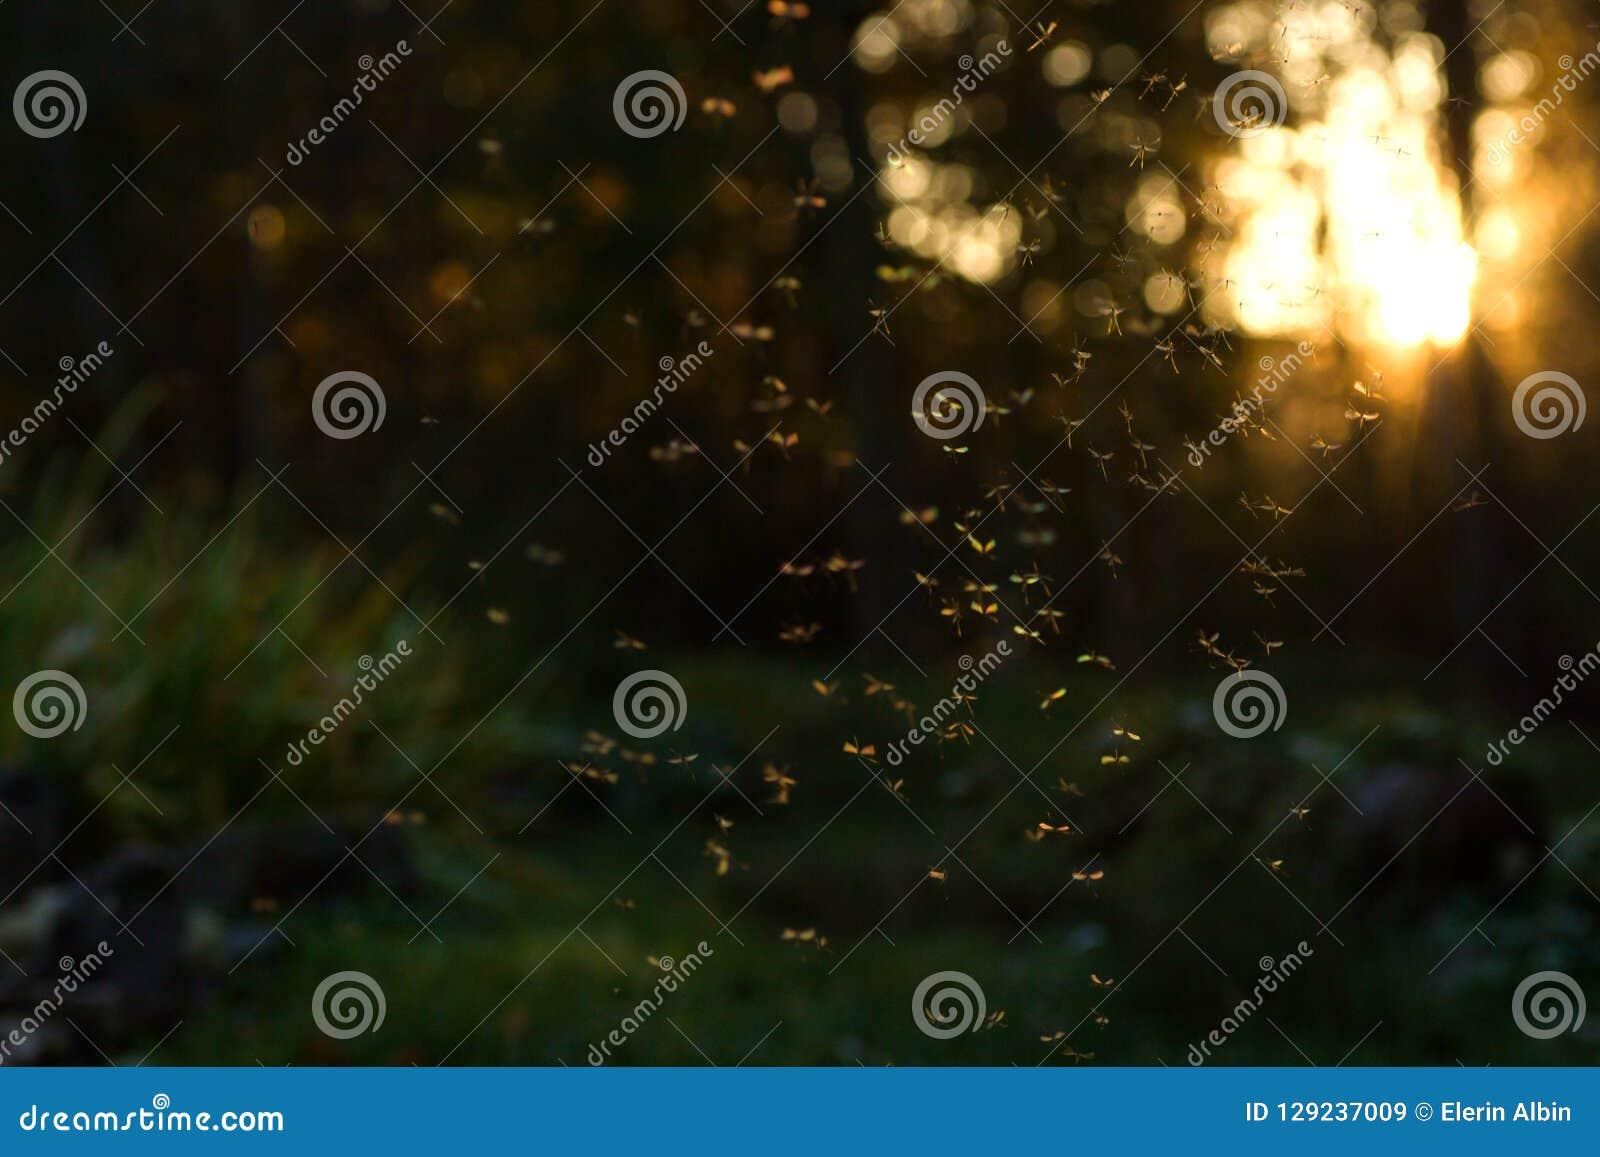 Swarm of crane flies